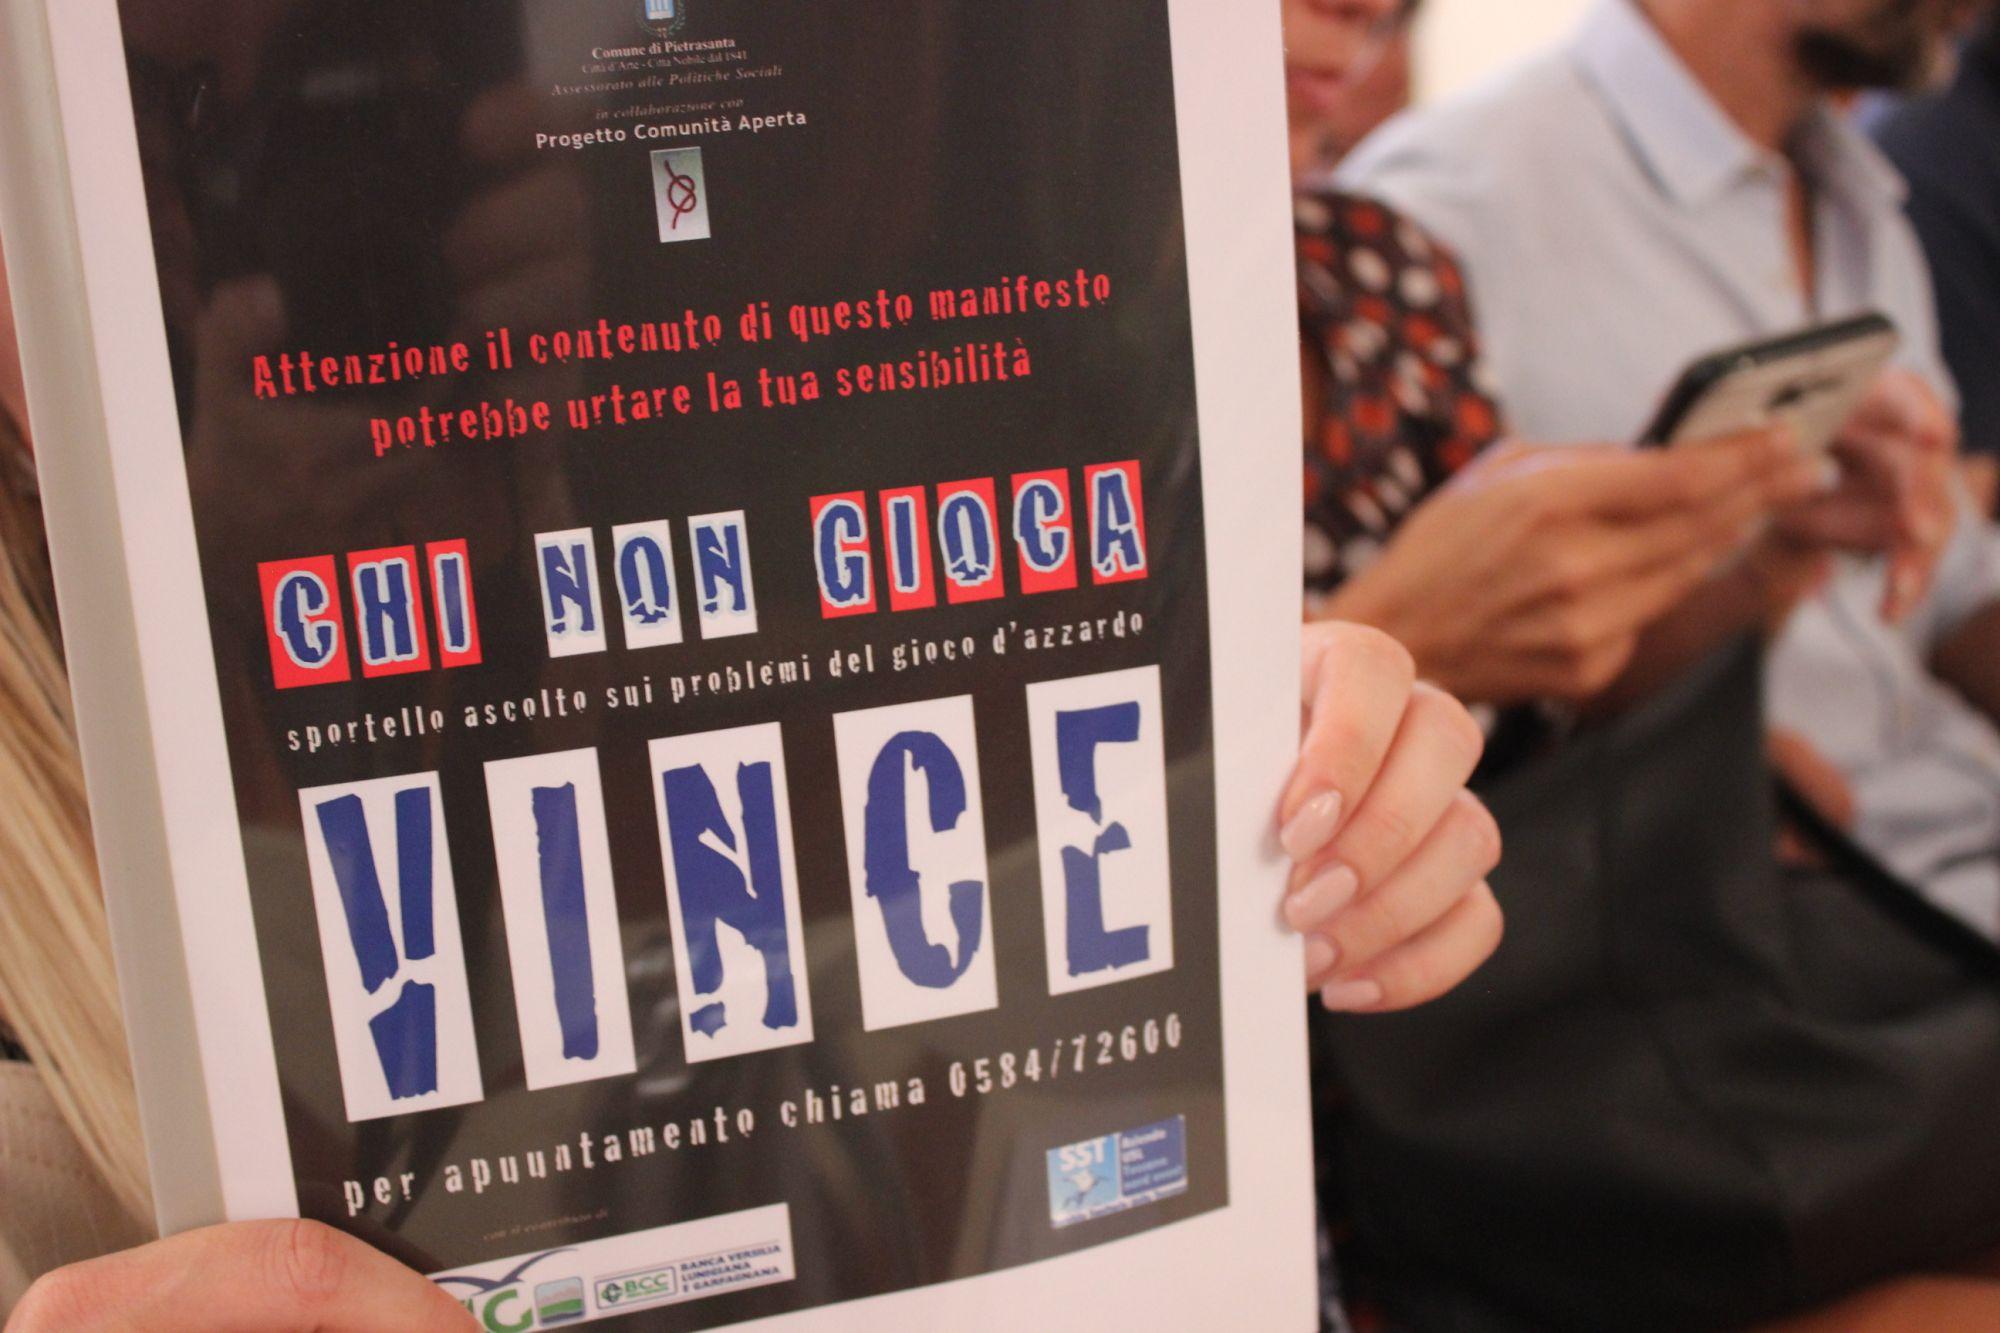 Arriva lo sportello contro la ludopatia, centinaia di casi in Versilia